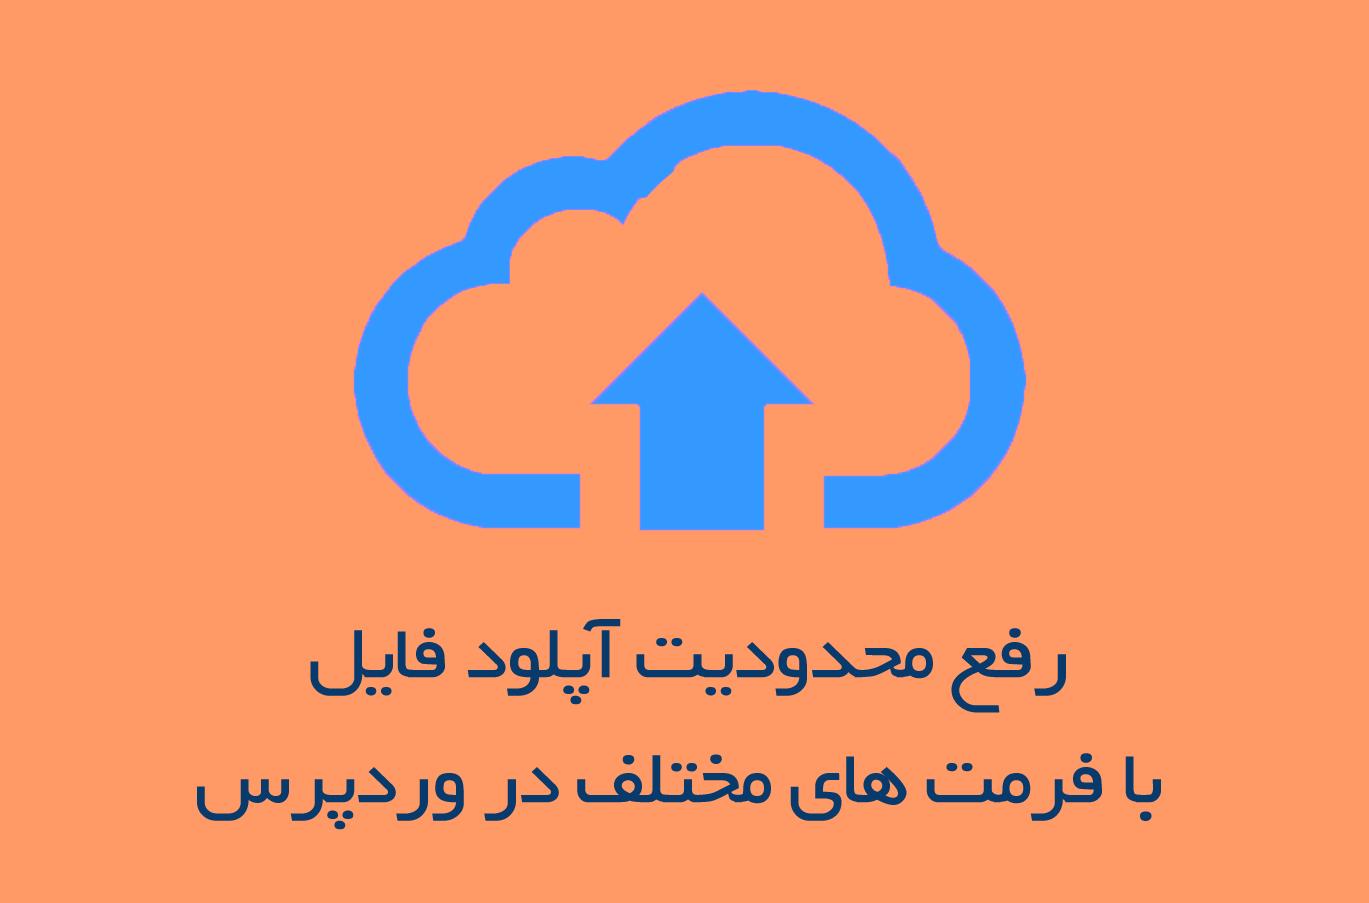 رفع محدودیت آپلود فایل با فرمت های مختلف در وردپرس